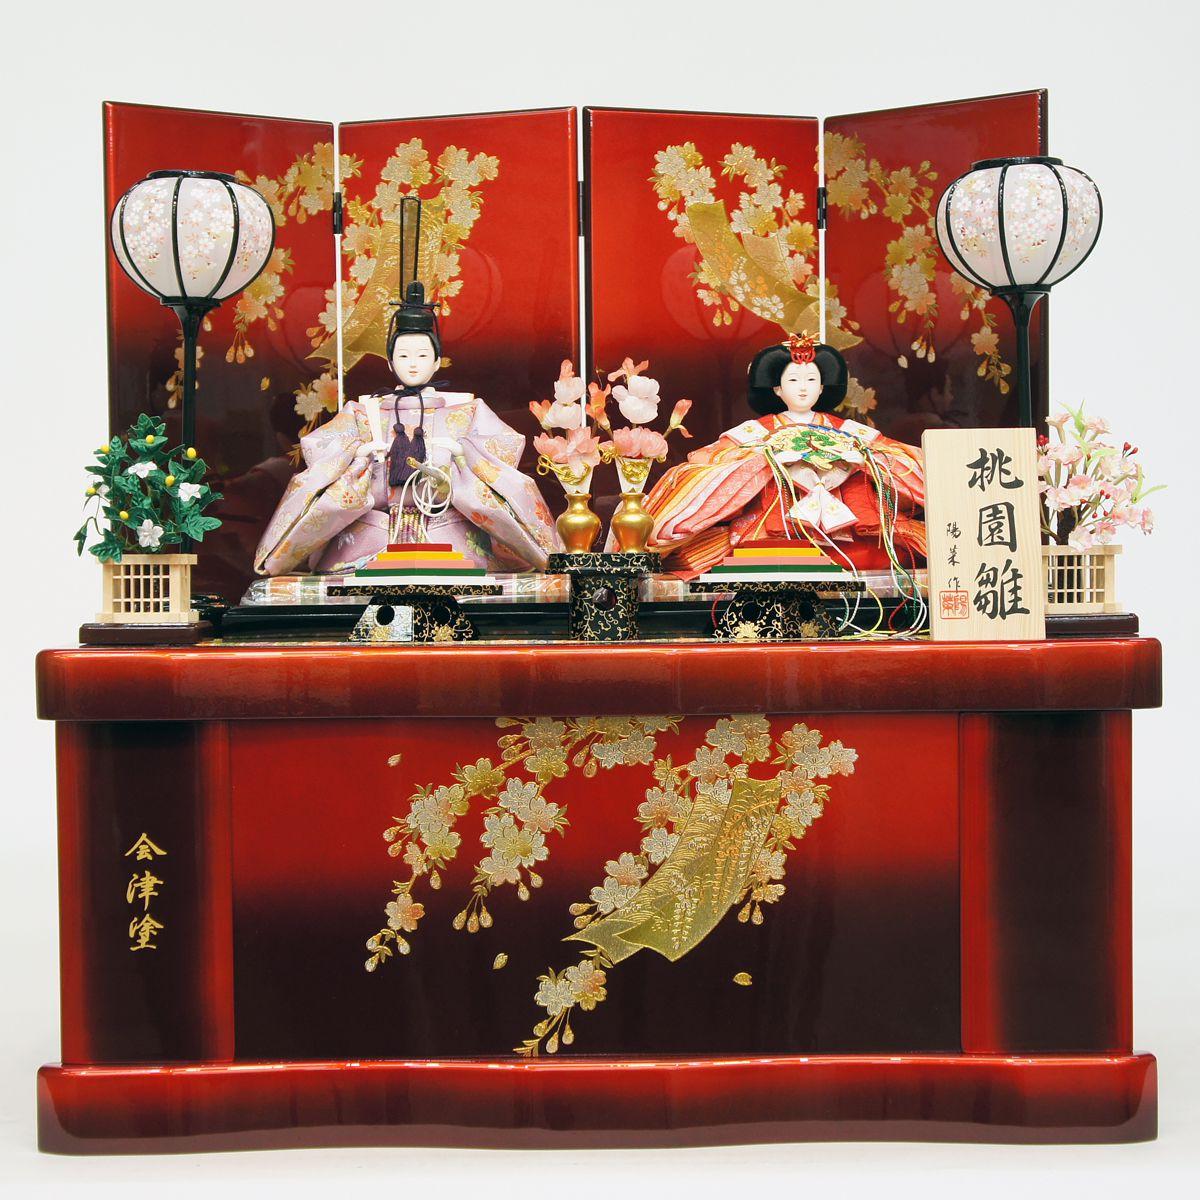 雛人形 コンパクト 収納飾り 陽菜作 会津塗り 桃園雛 親王収納飾り 雛人形 HNF-45ST1197ひな人形 かわいい 雛 コンパクト収納飾り